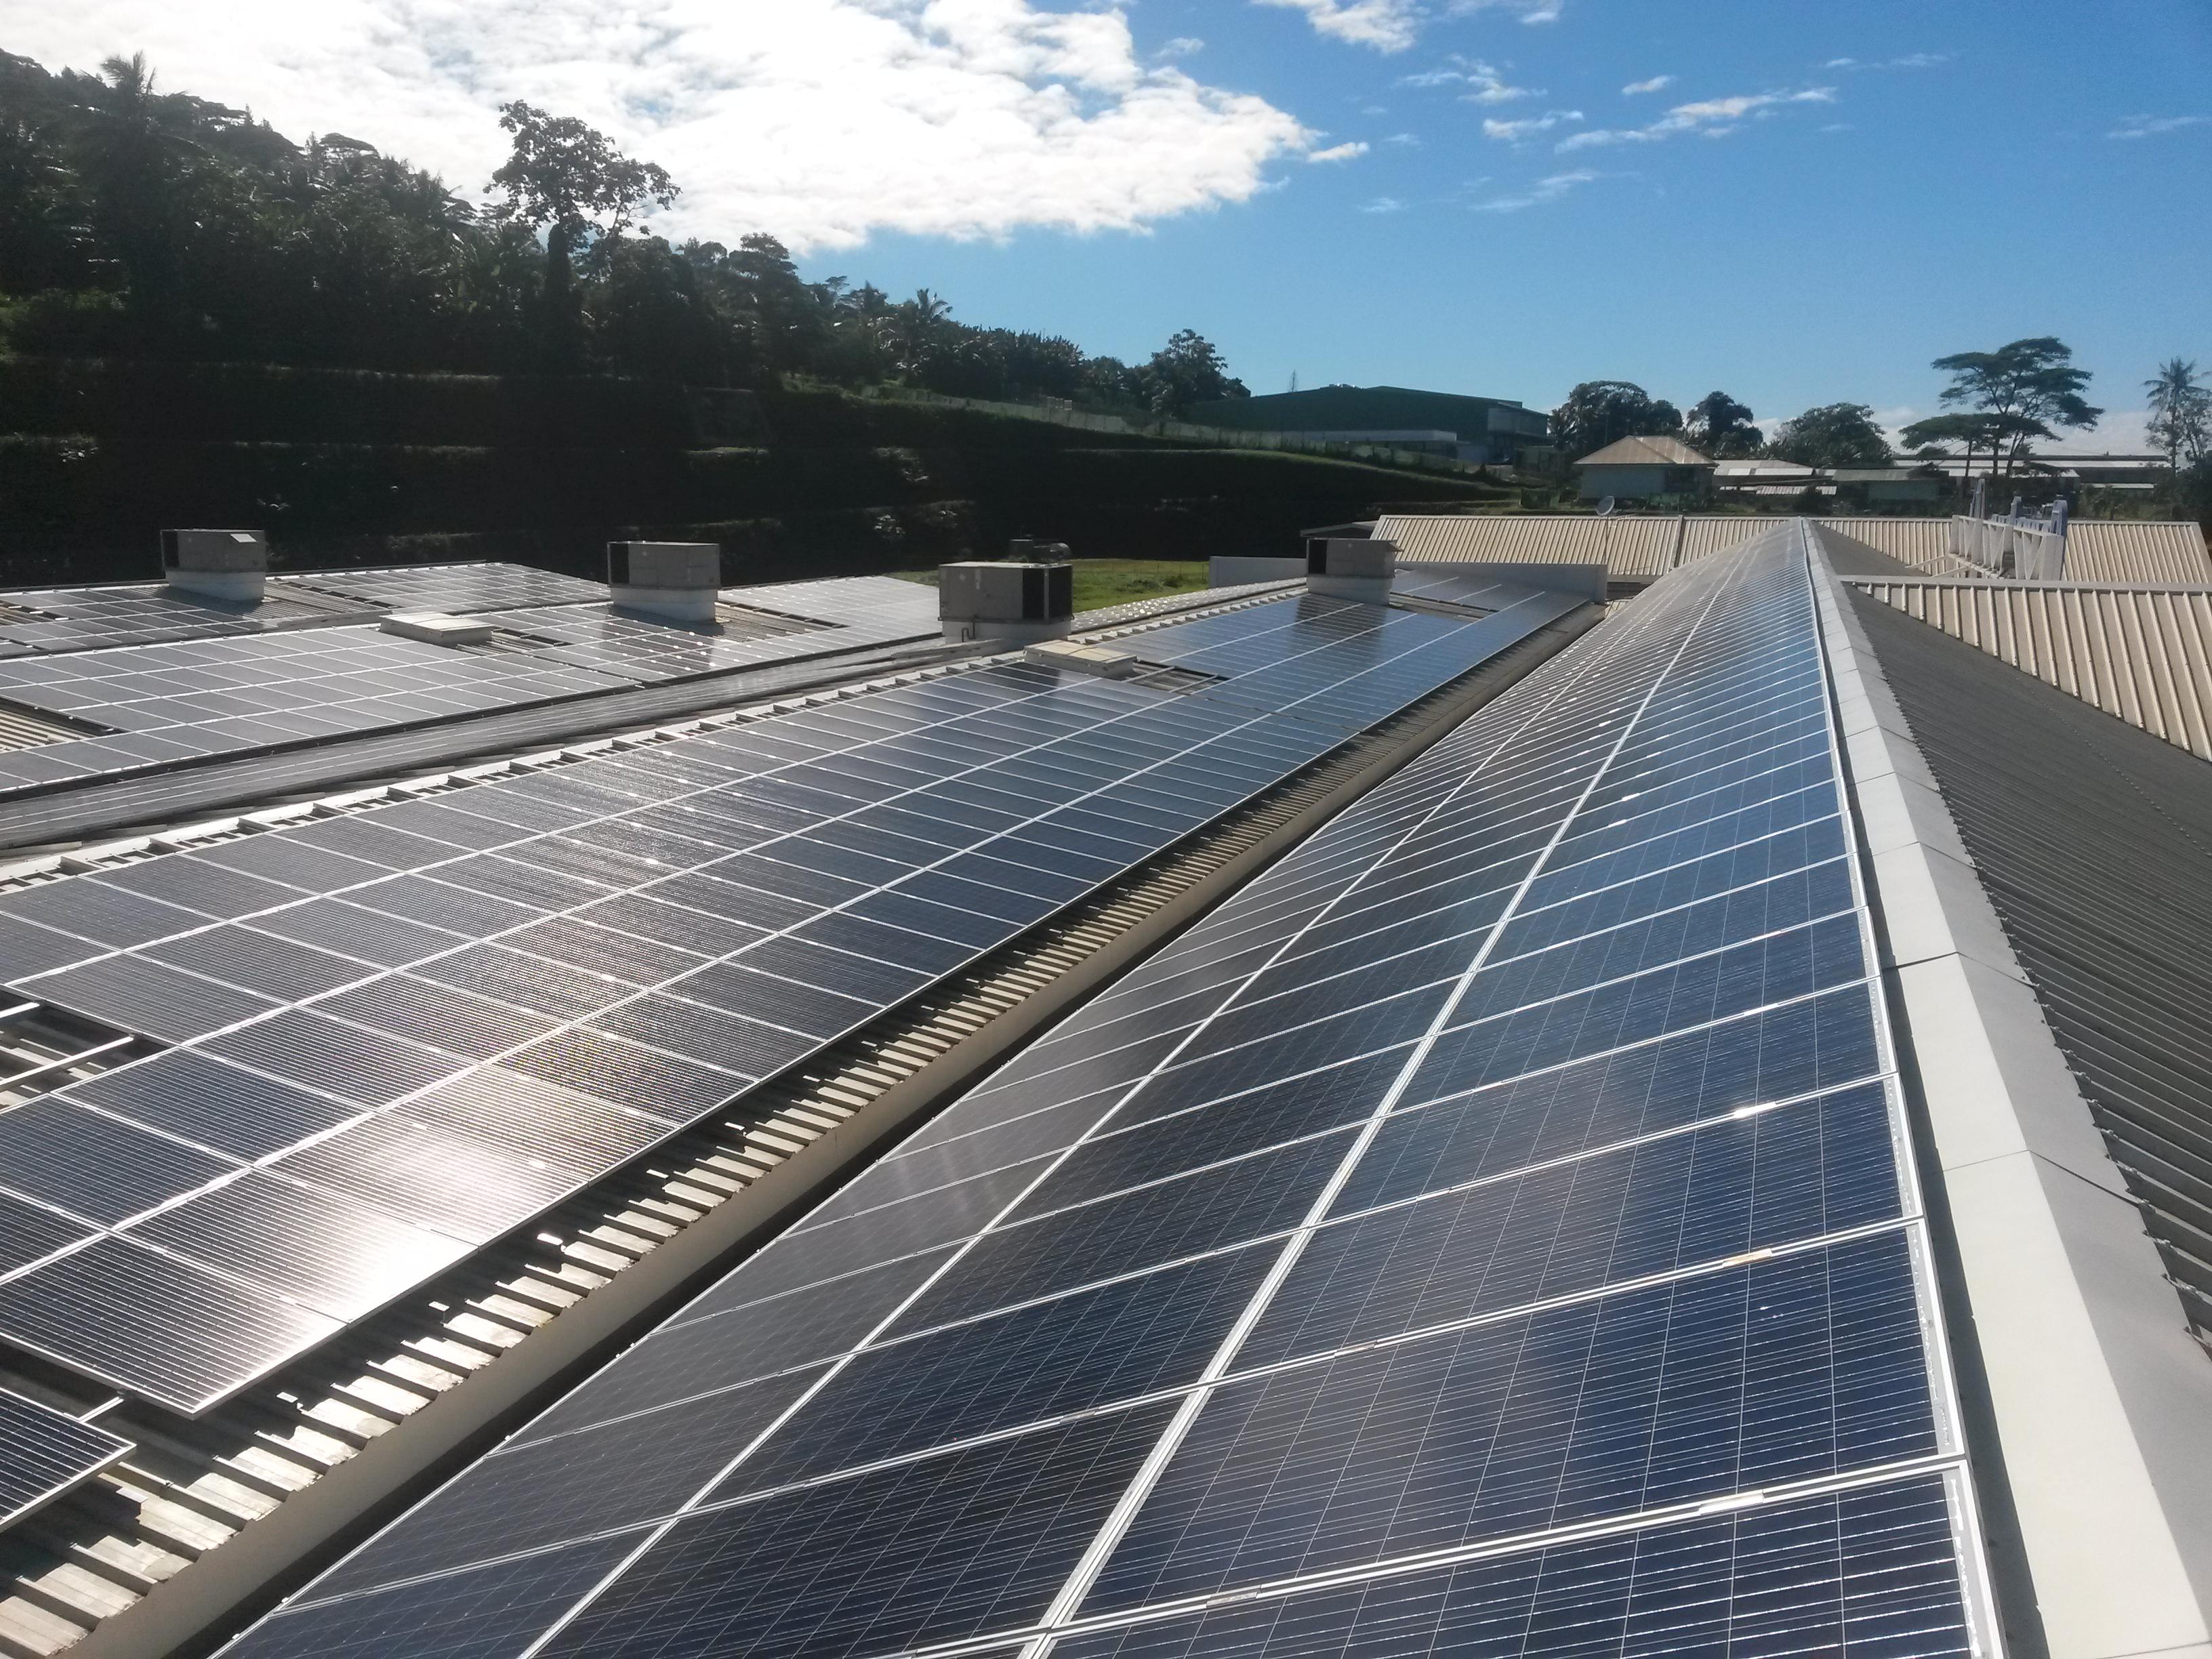 En juin dernier, les demandes d'autorisation d'installer des centrales photovoltaïques de grosses capacités ont été toutes refusées à la société Eco Energy. Cette dernière exploite pourtant depuis des années, une centrale solaire sur l'hypermarché de Punaauia.